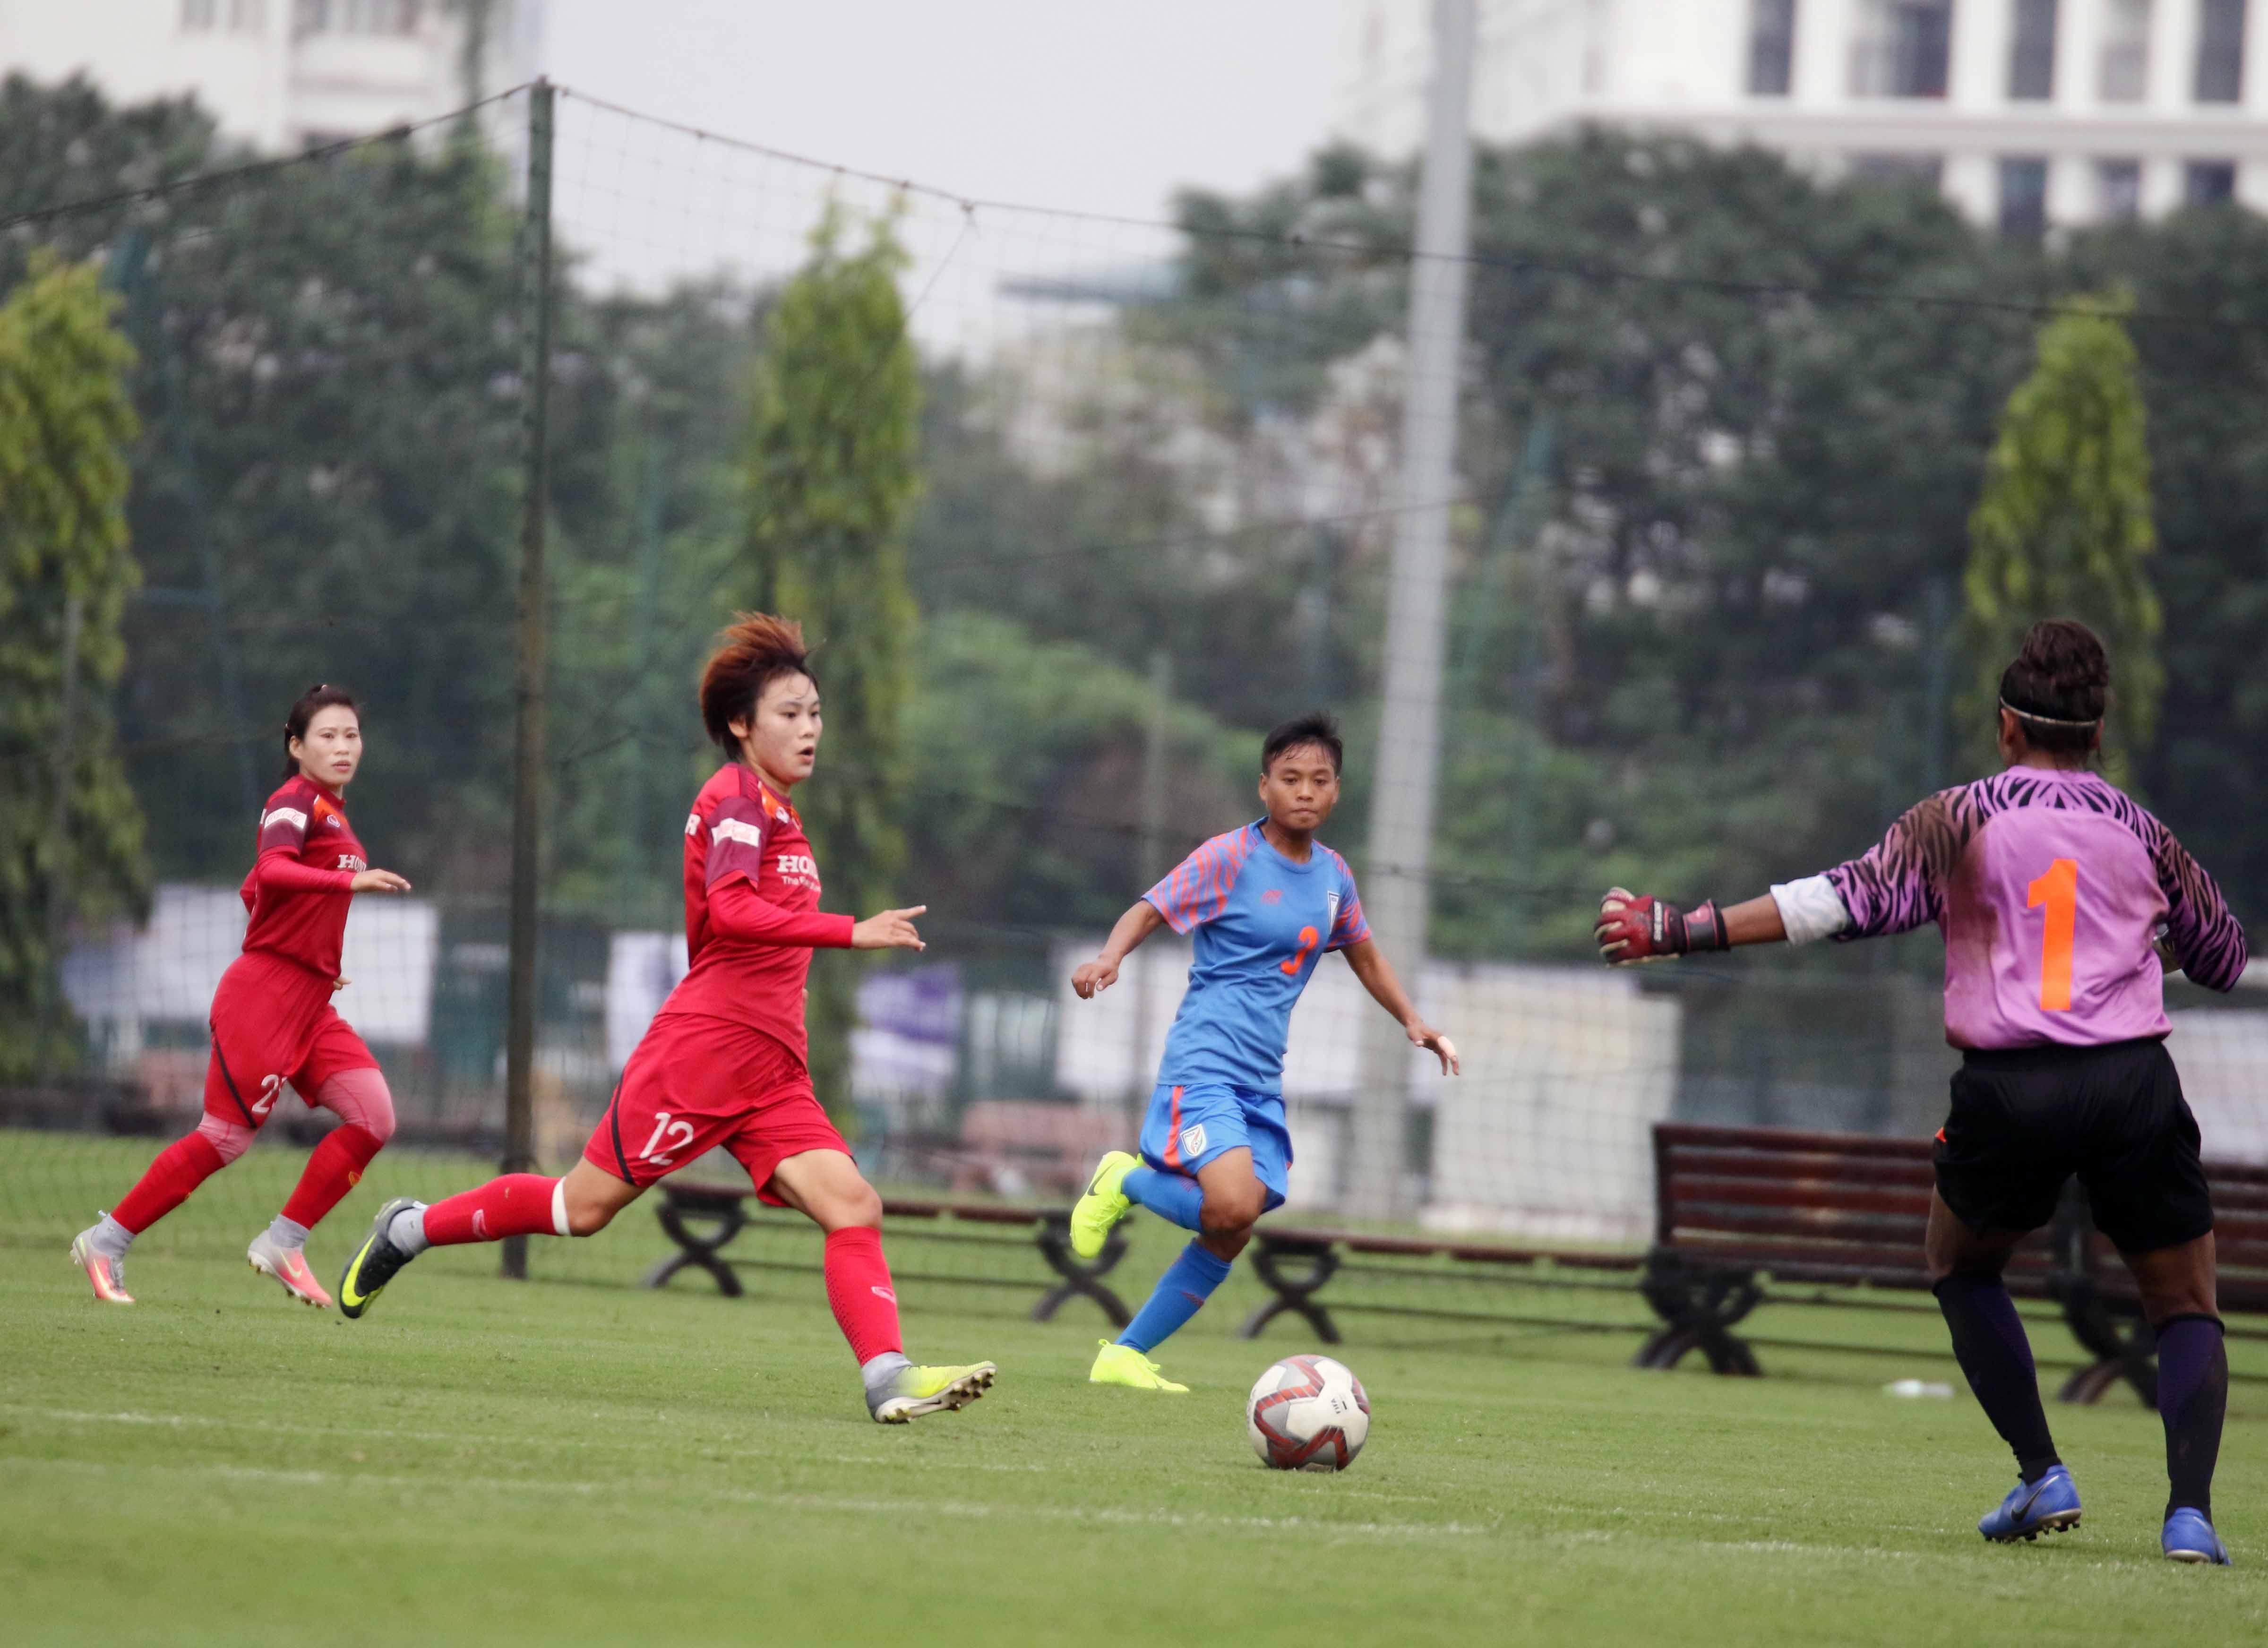 Thi đấu giao hữu, ĐT nữ Việt Nam thắng ĐT nữ Ấn Độ 3-0